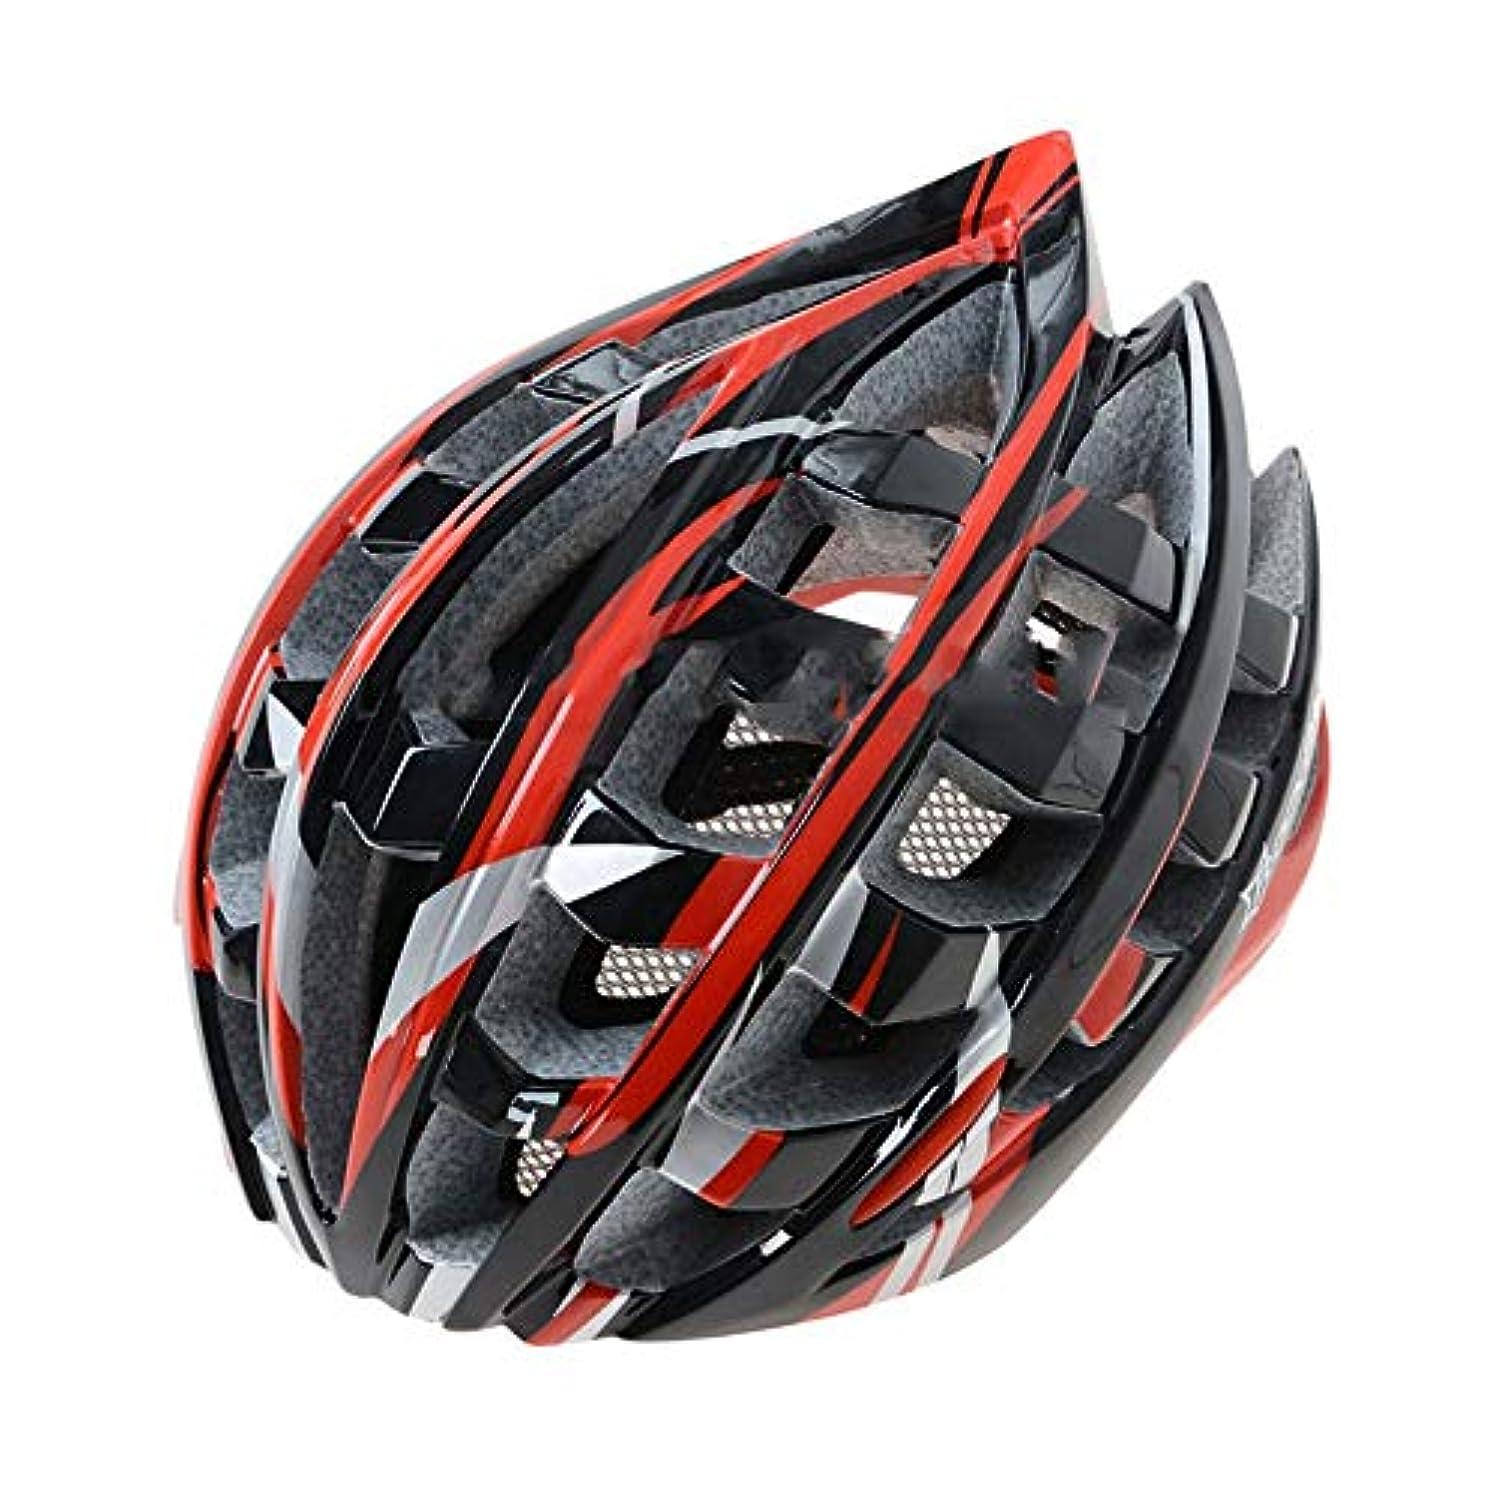 かき混ぜる額カウントアップSafety 超軽量 大人のマウンテンロードバイクのヘルメット男性と女性の乗馬用ヘルメット統合成形技術 (色 : Red)